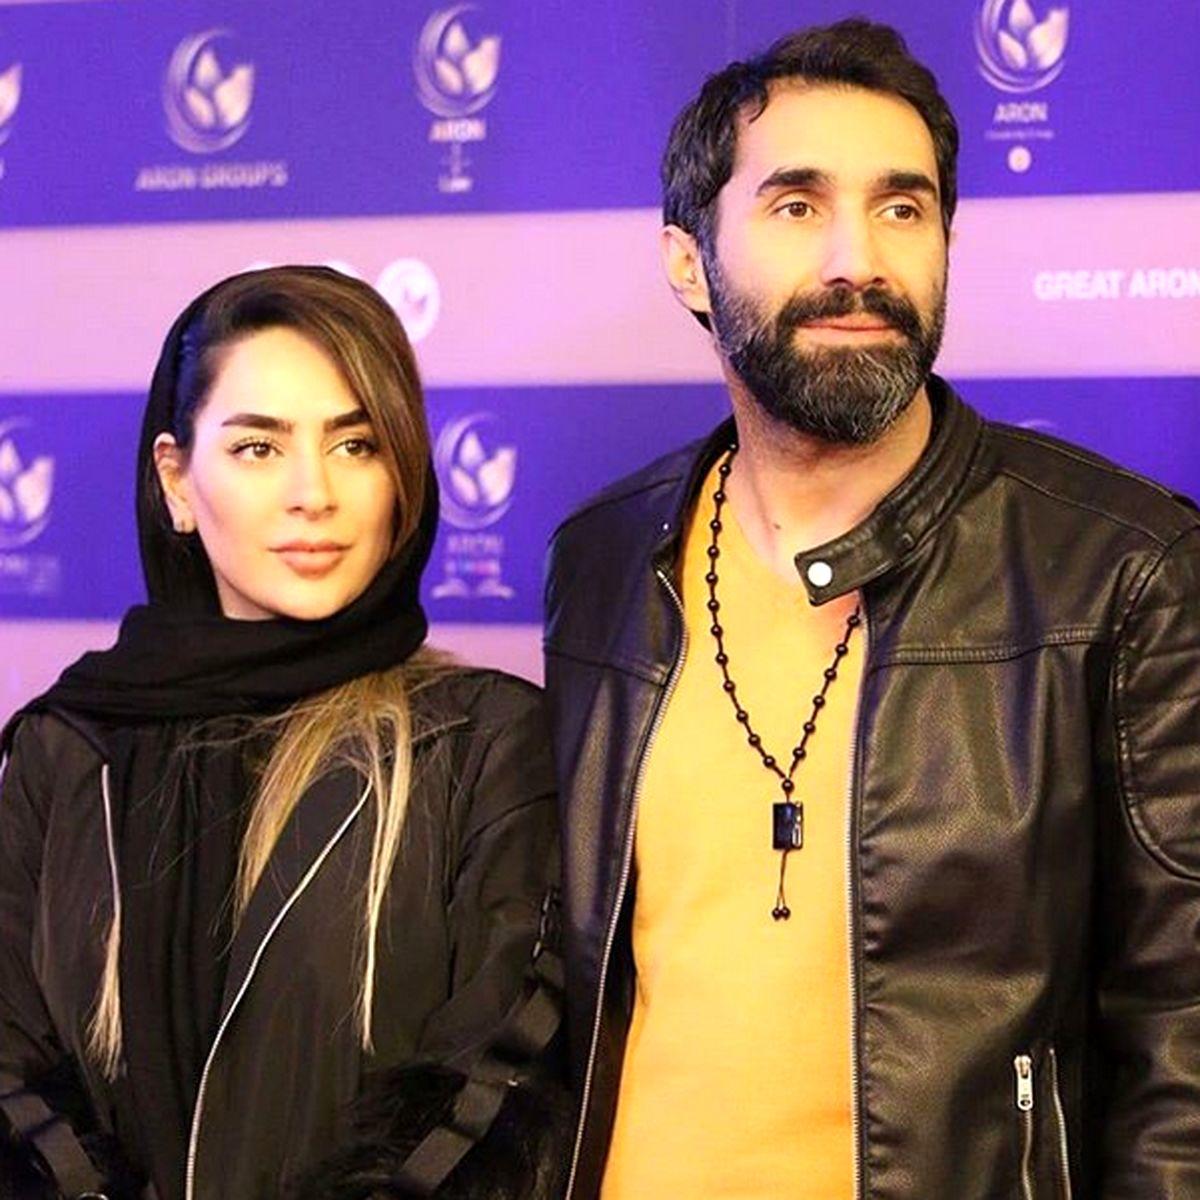 عکس لورفته از مراسم عروسی مجلل سمانه پاکدل و همسرش + تصاویر